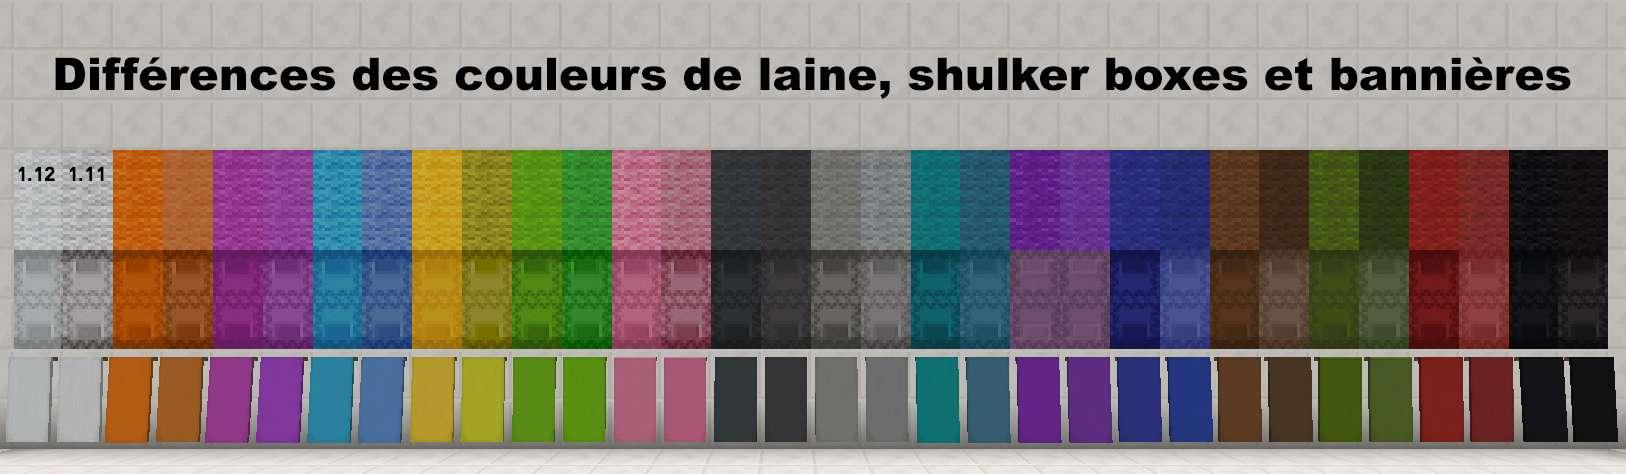 Nouvelle palette de couleurs de la version 1.12 de Minecraft